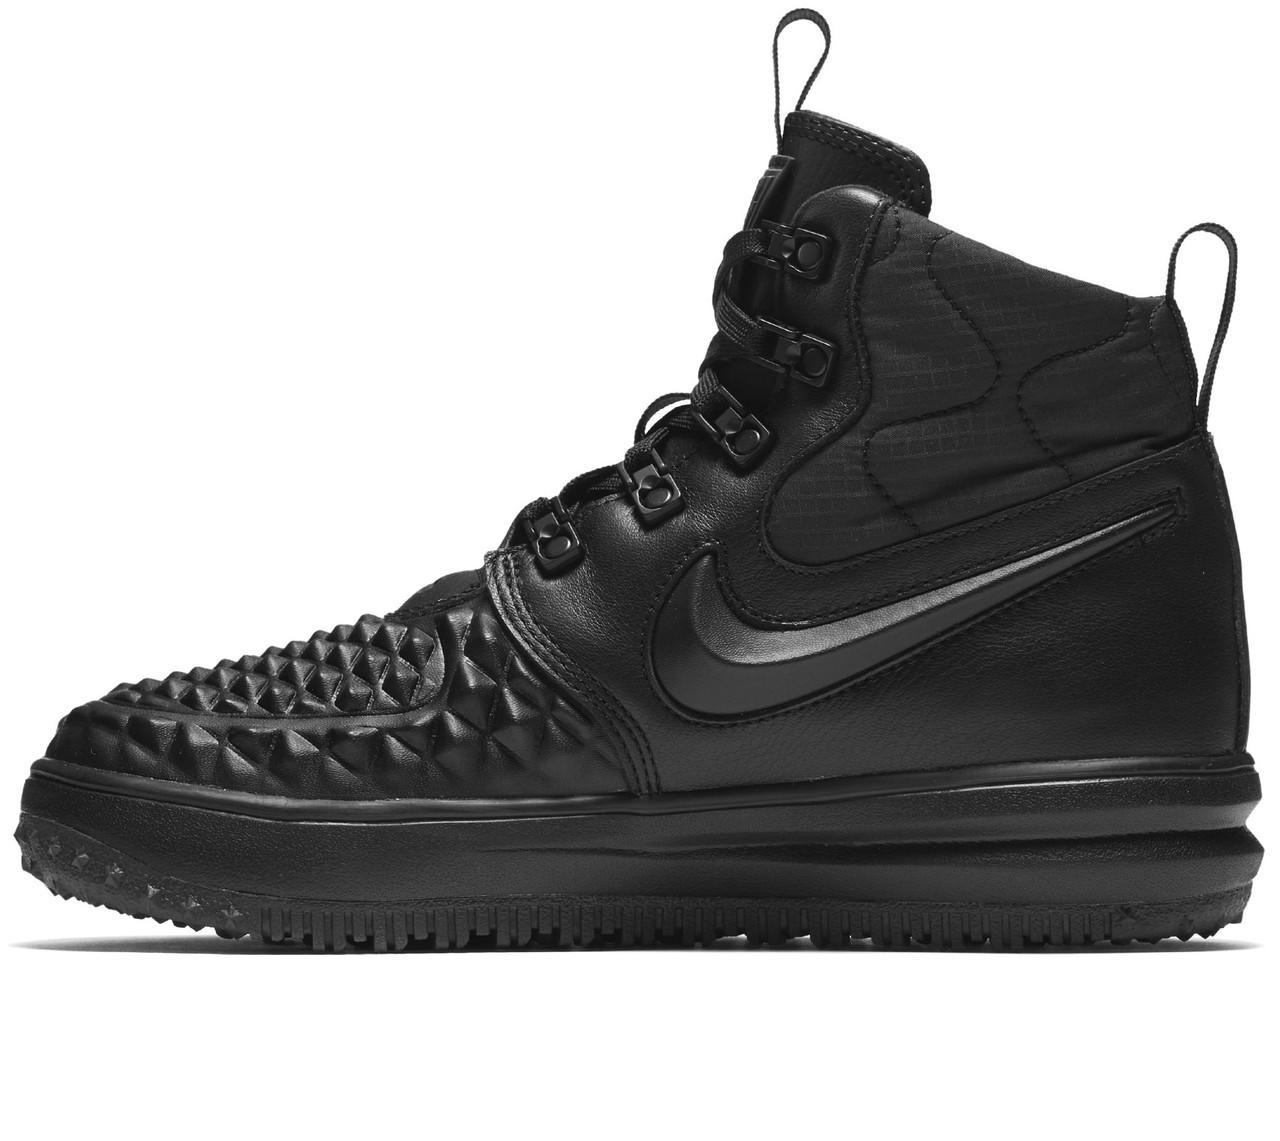 fddb6444 Мужские зимние кроссовки Nike Lunar Force 1 Duckboot '17